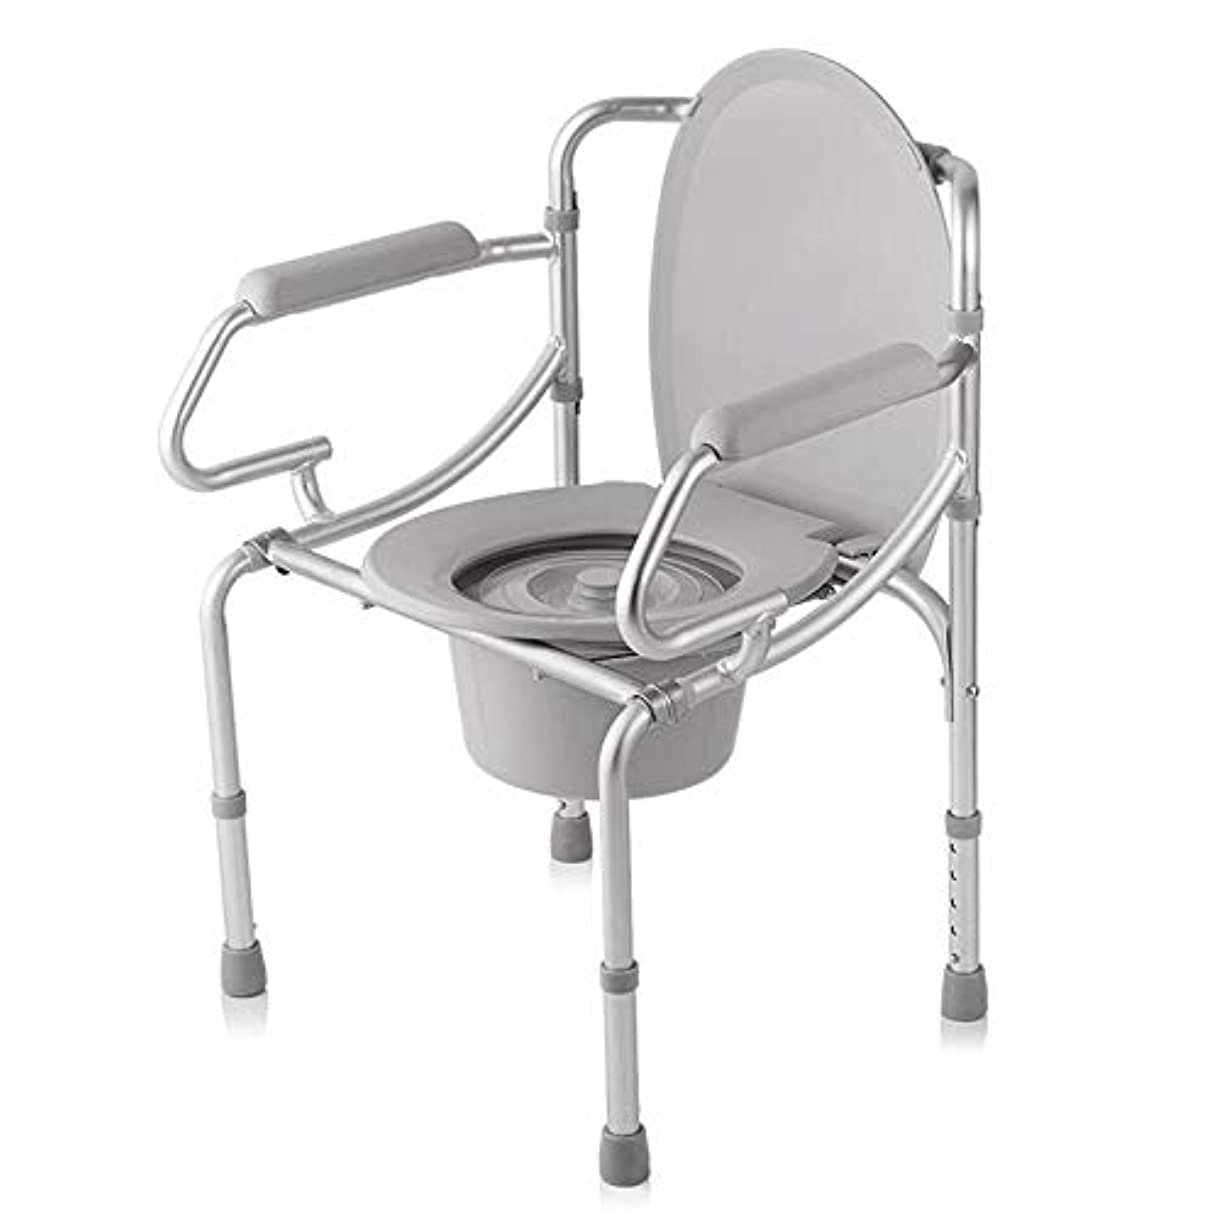 遺産スペル仲良し調節可能な便器椅子、取り外し可能なパッド入りシートとトイレ付きの豪華な折りたたみ軽量便器